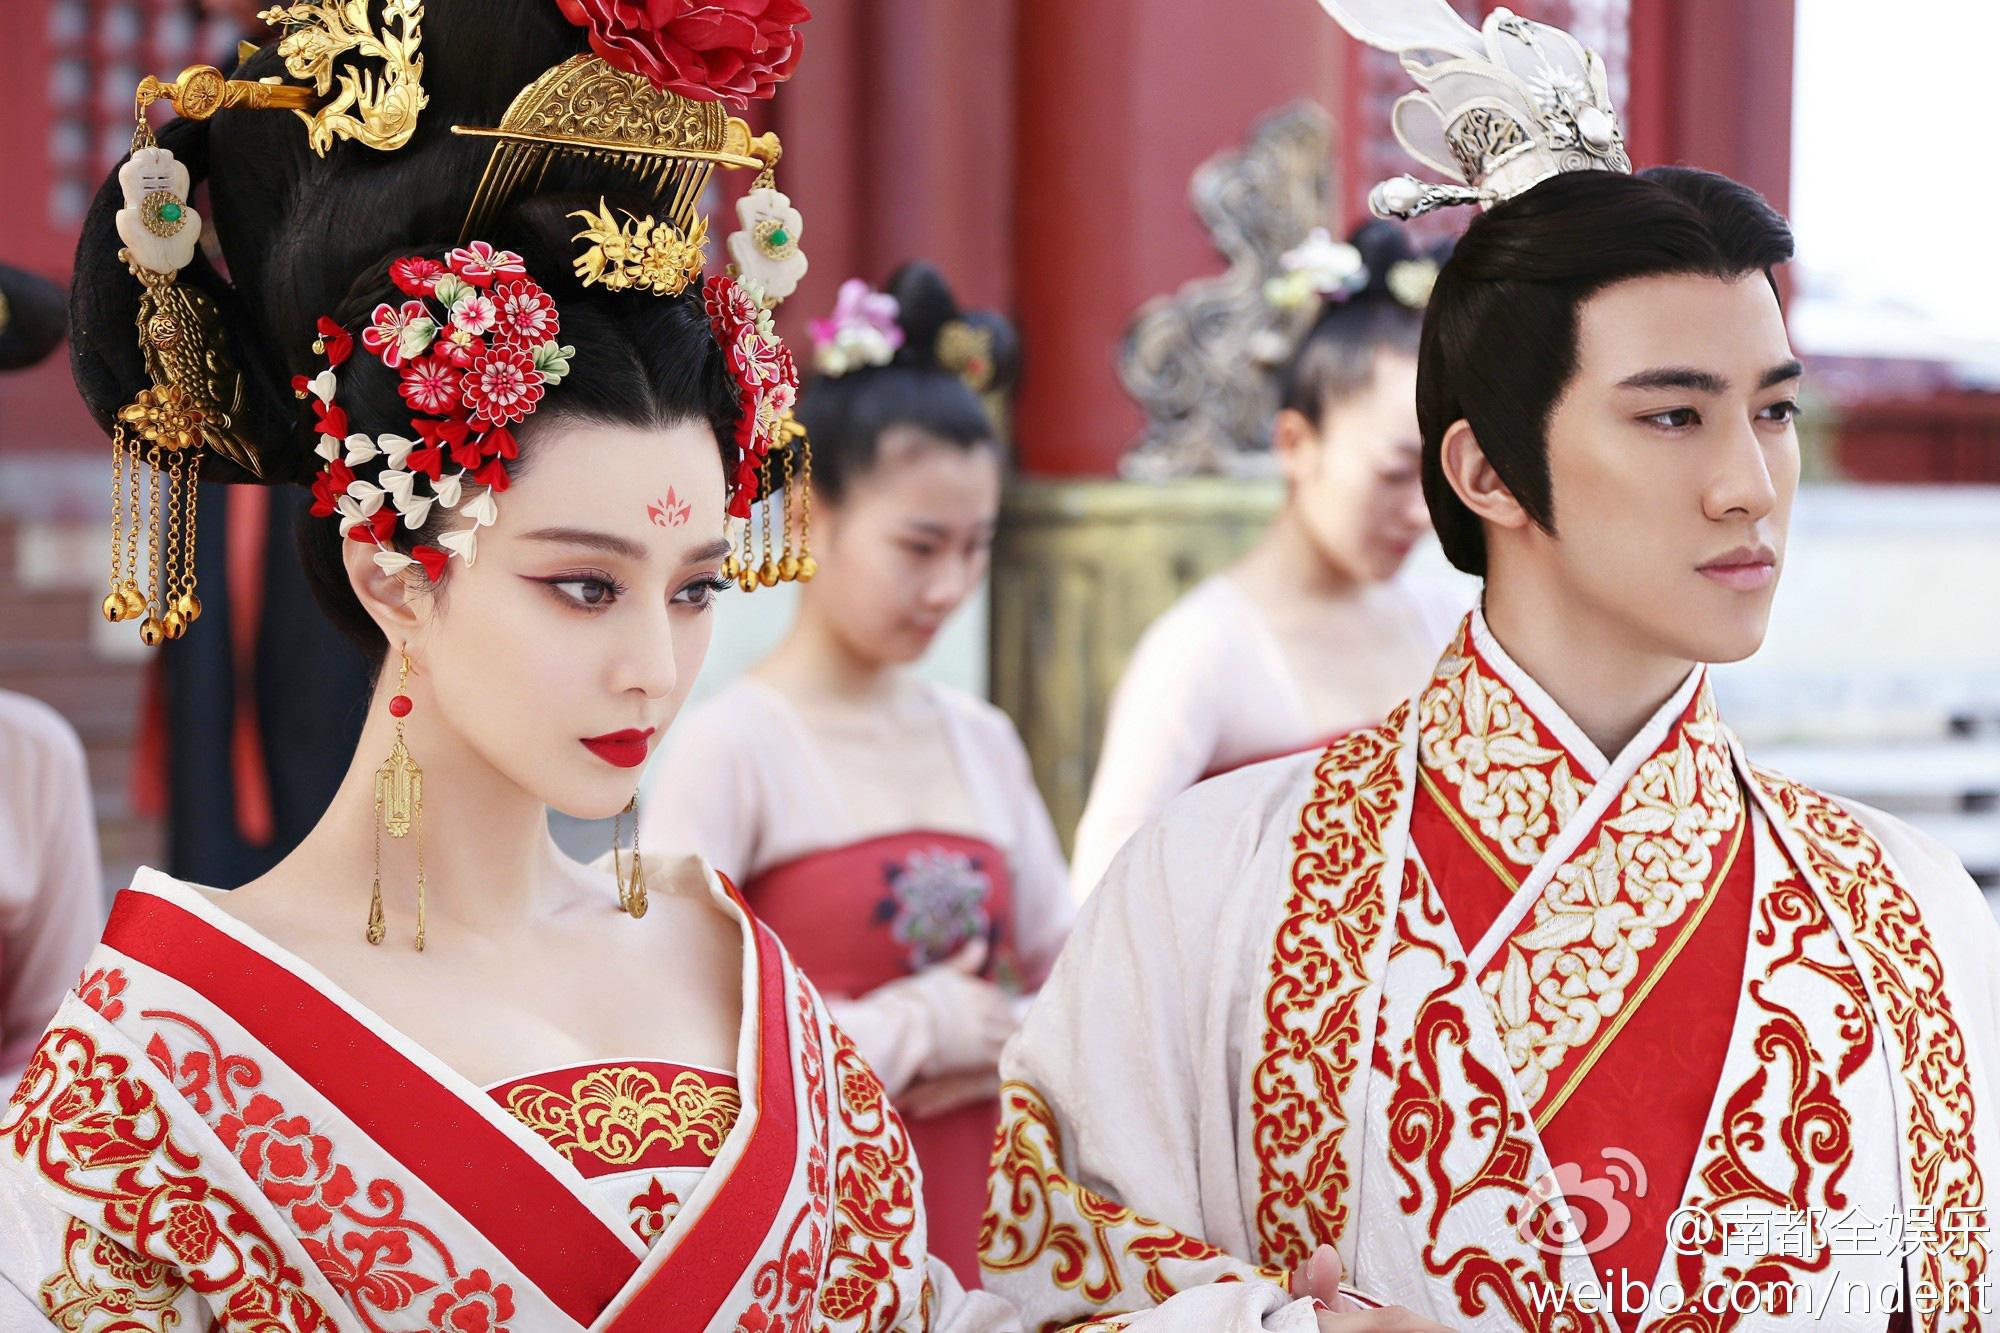 Lịch sử Trung Quốc bị bóp méo trong phim cổ trang - Ảnh 5.